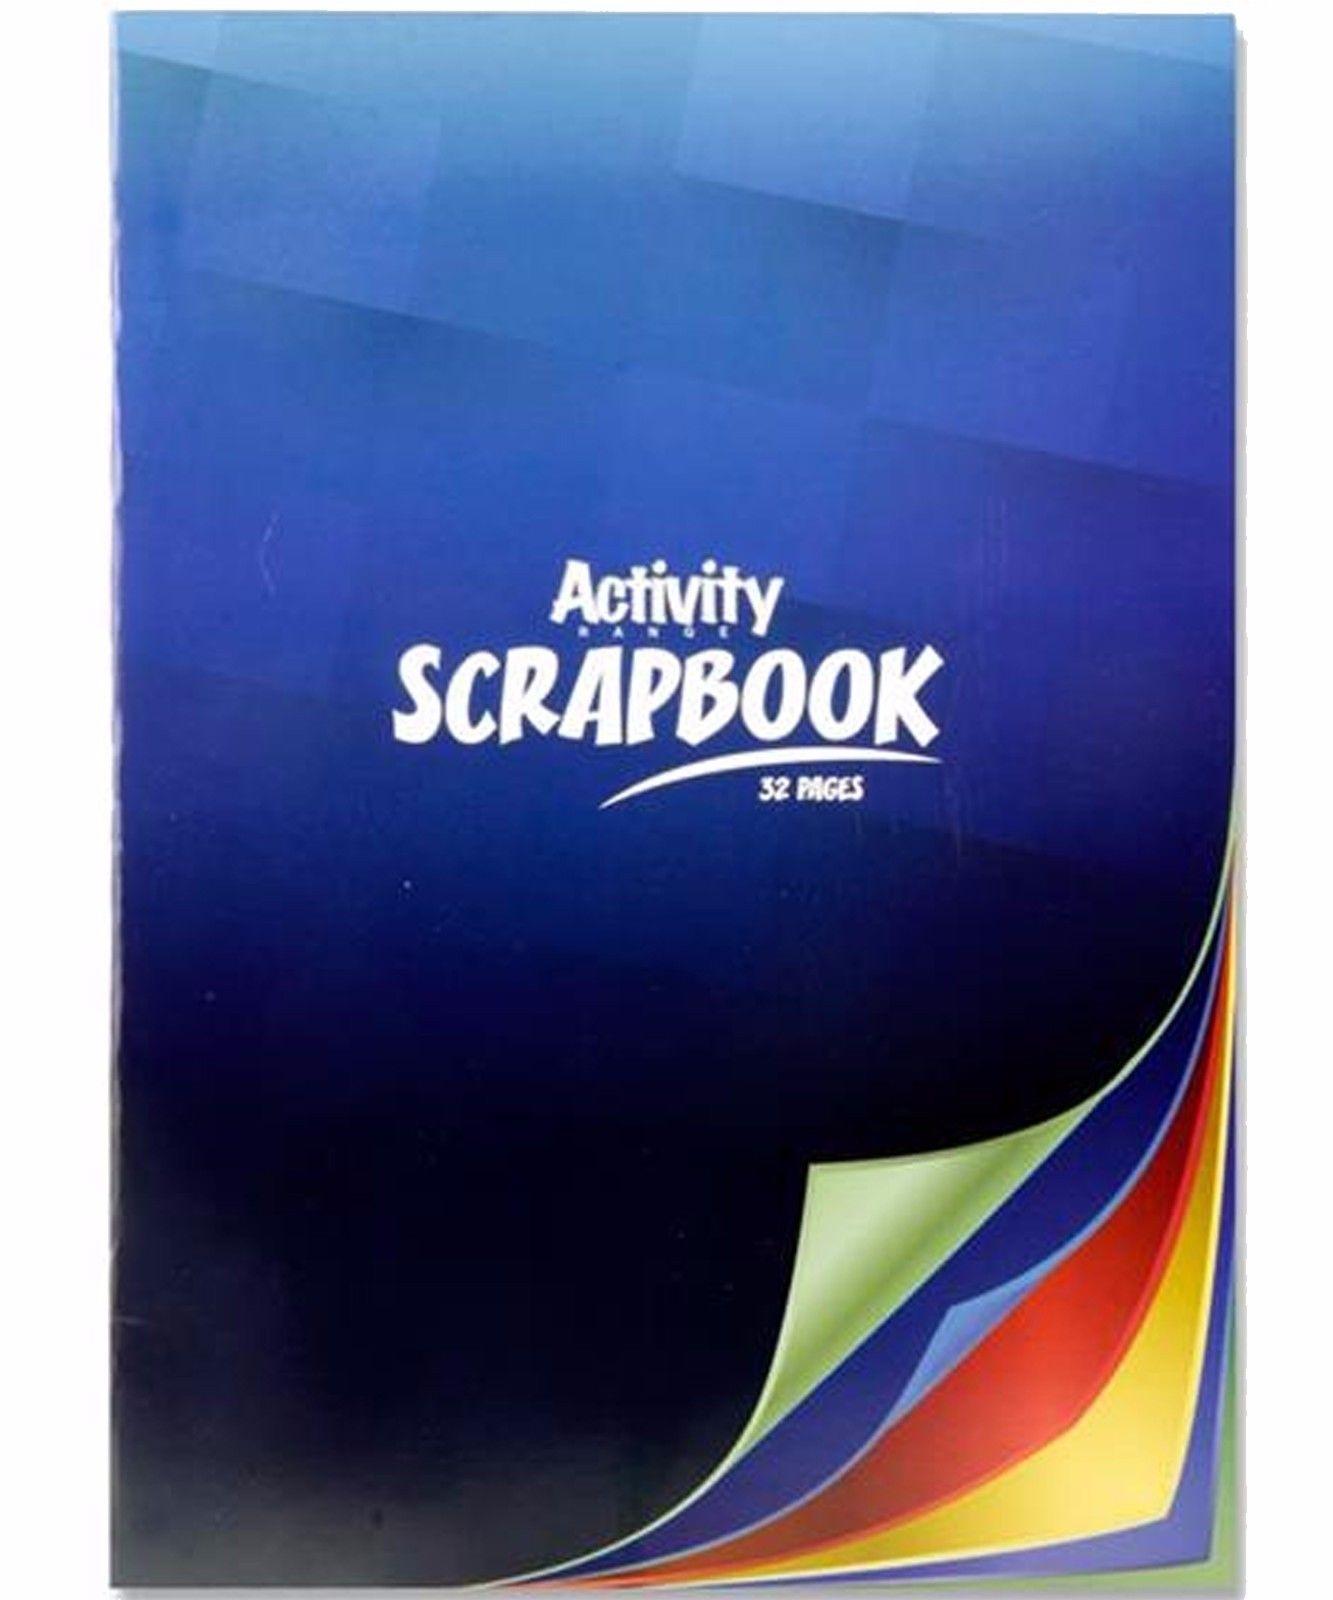 A4 Activity Scrap Book 32pg